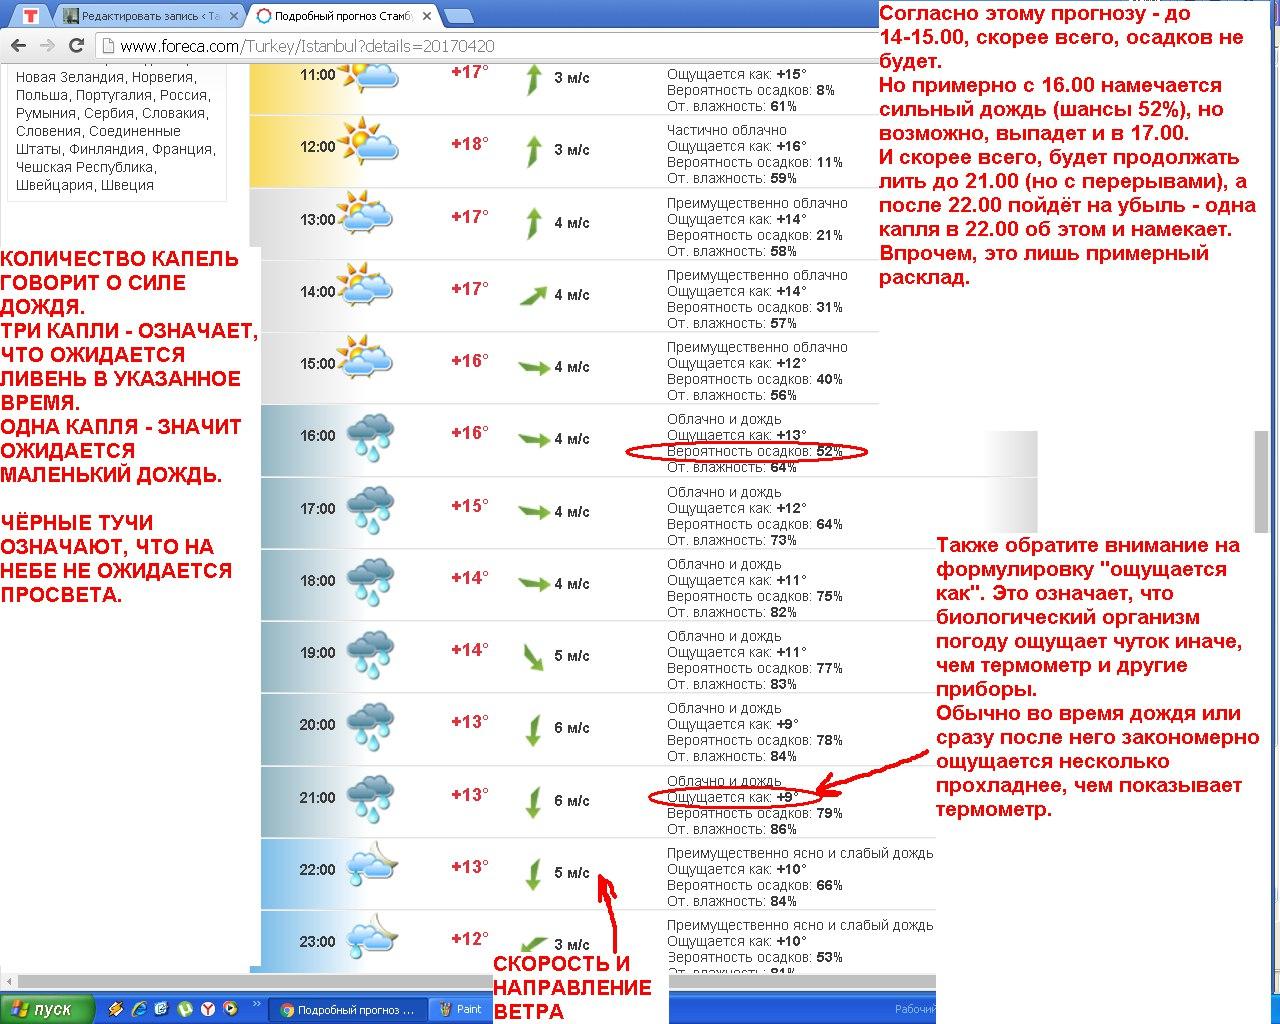 детальный прогноз погоды